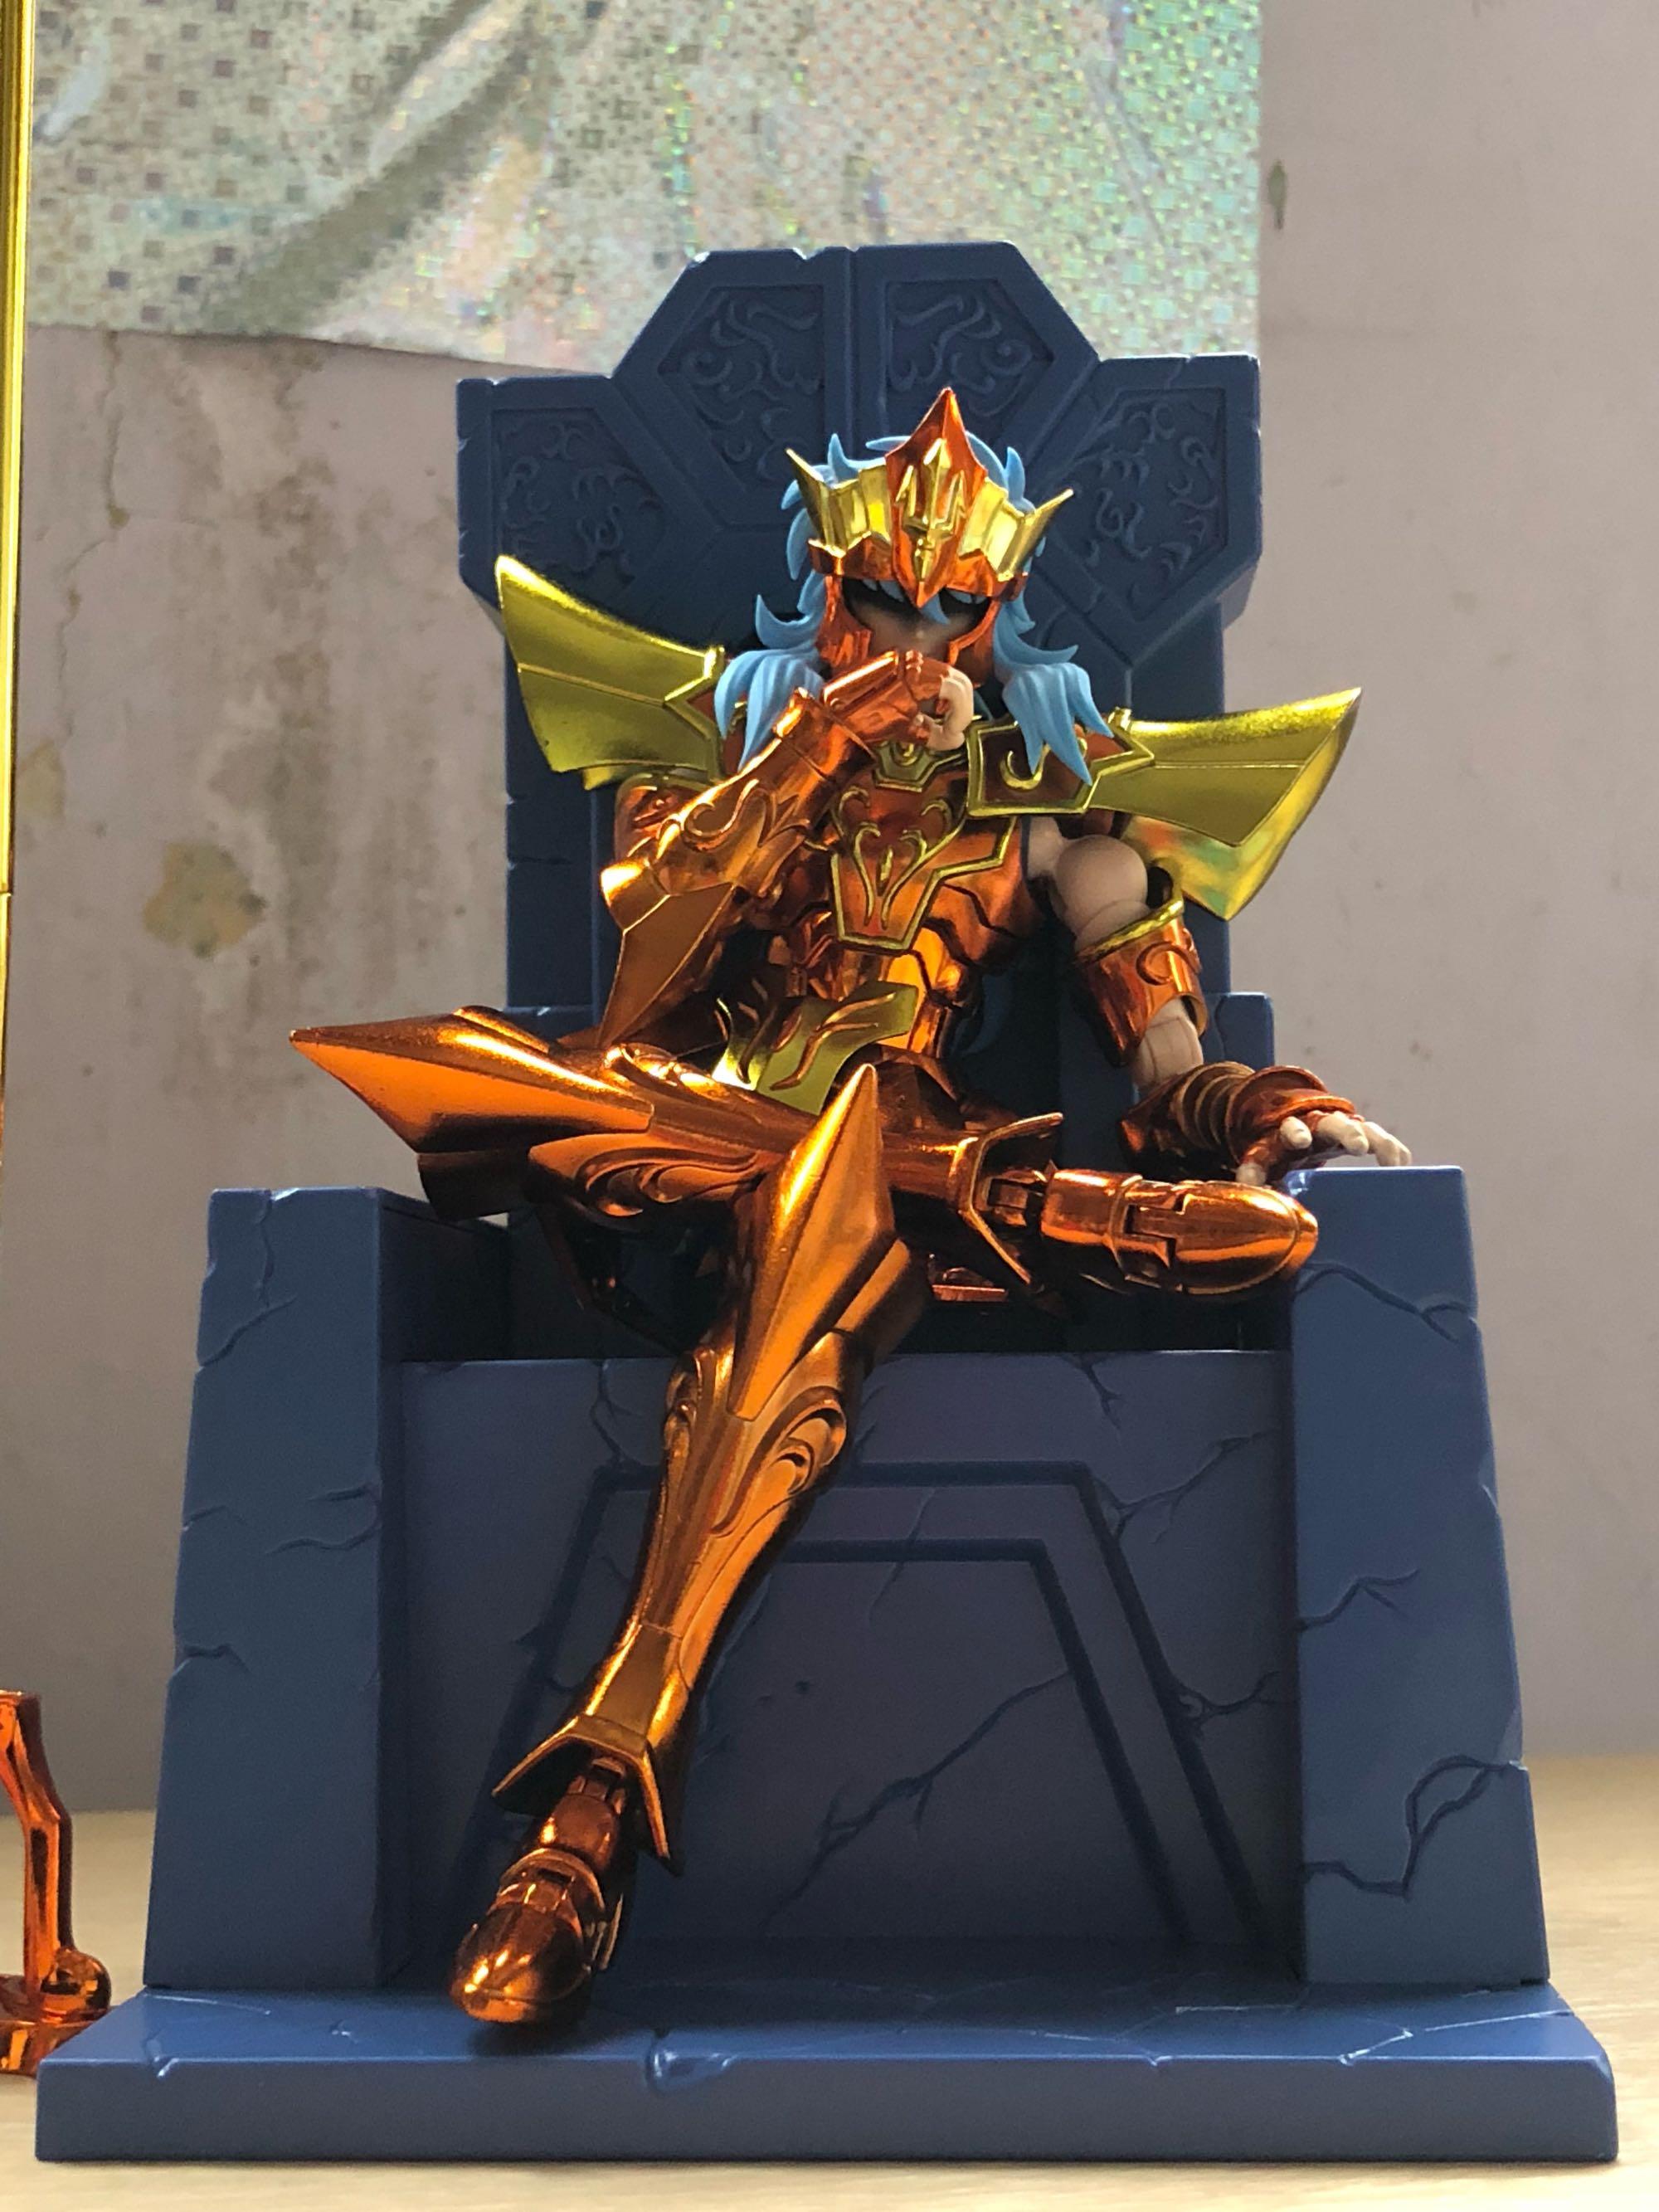 [Imagens] Poseidon EX & Poseidon EX Imperial Throne Set UOPo53iQ_o